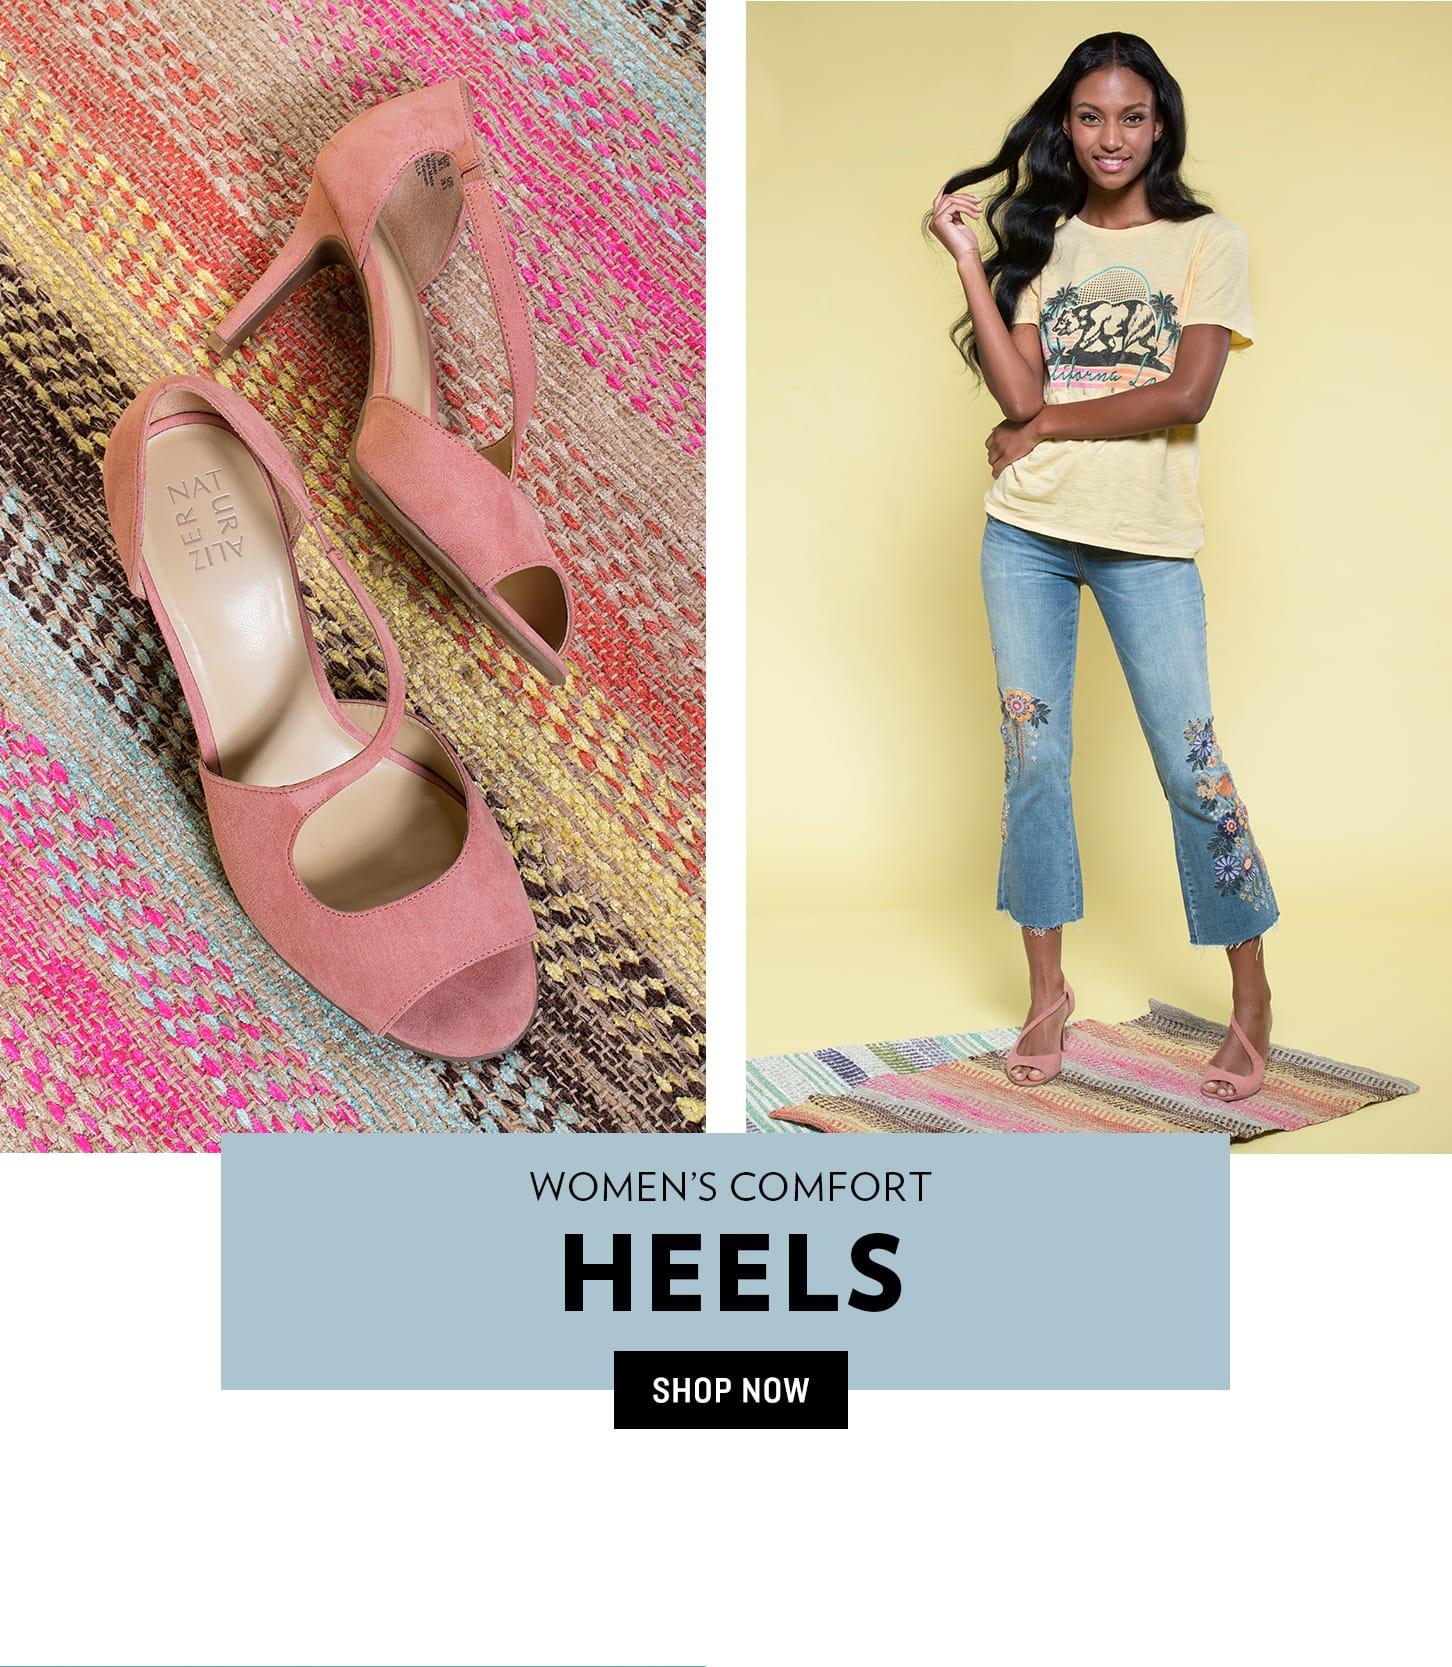 Shop Women's Comfort Heels